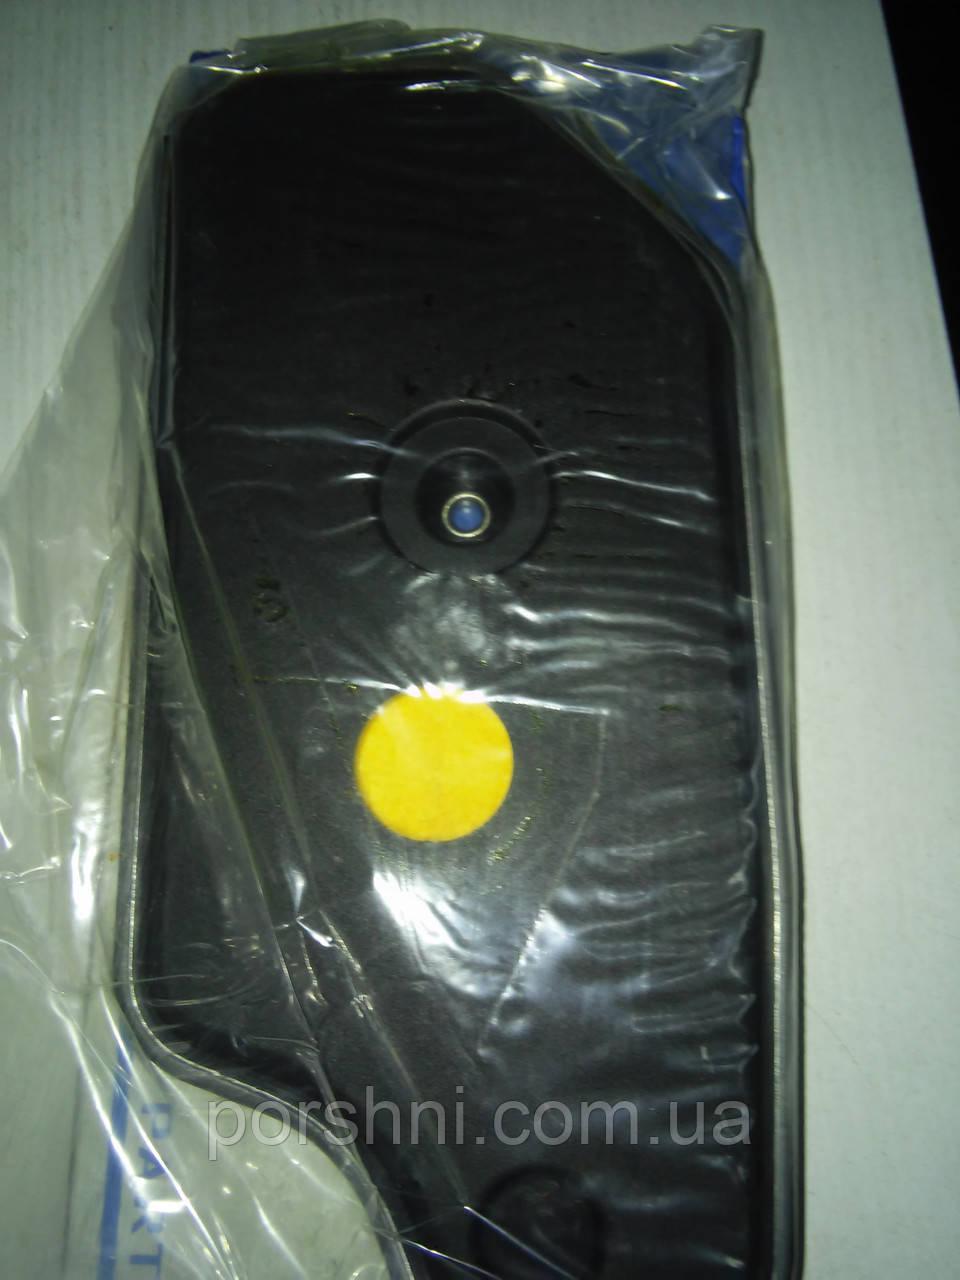 Фильтр  коробки  автомат Ford  FOCUS I.II  Fiesta  2008 >  5046305